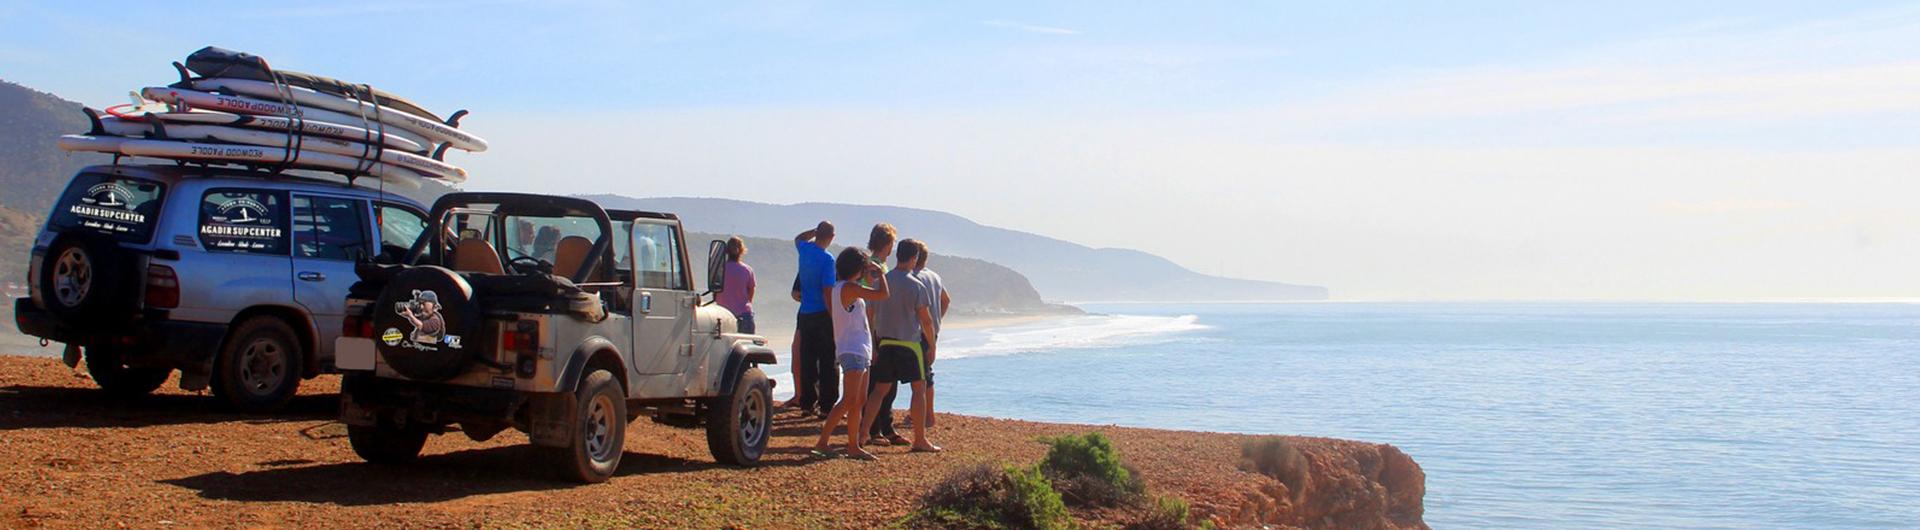 Agadir Sup Center - Sup Trip au Maroc